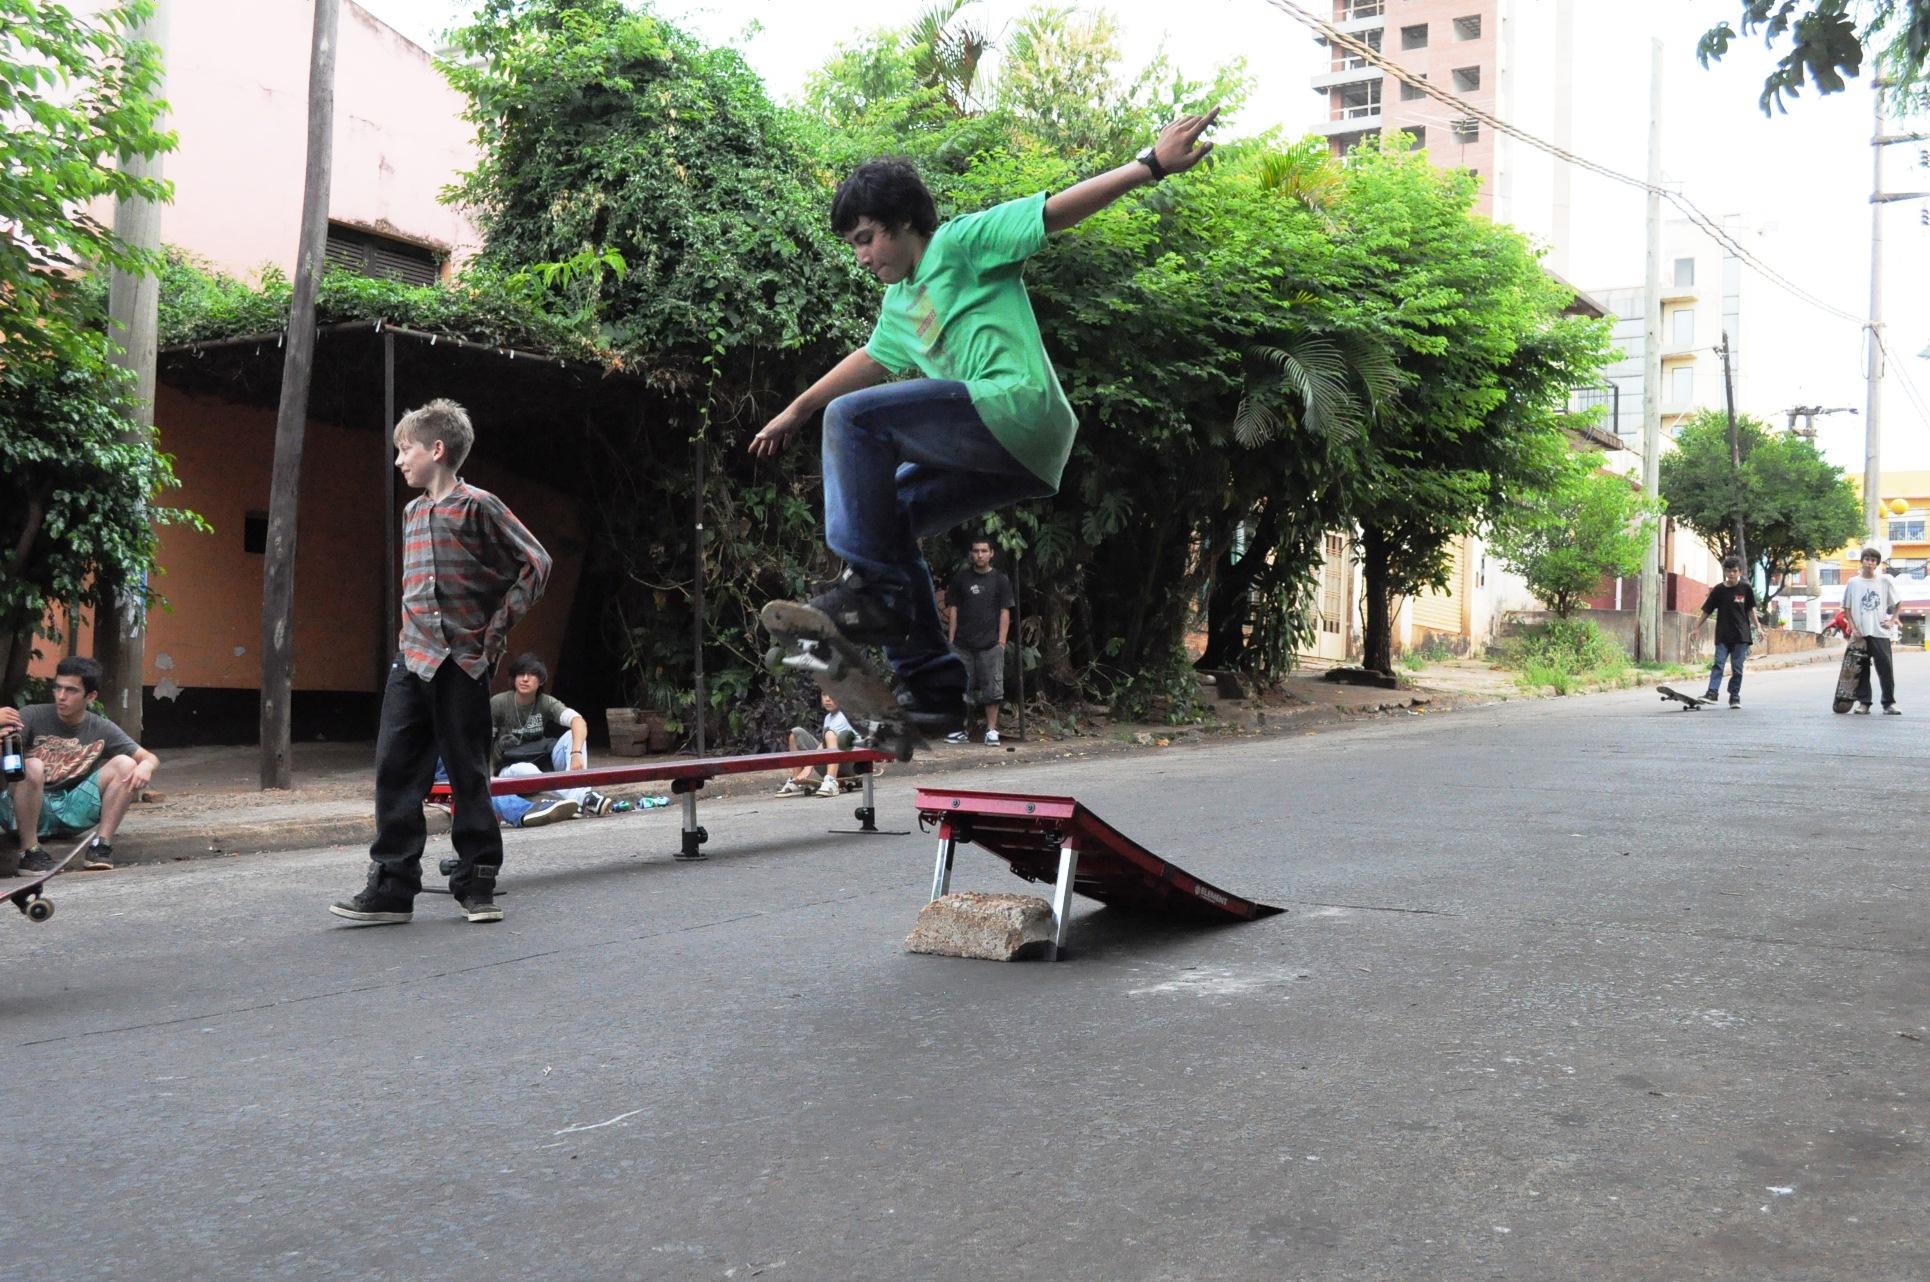 Juegos con skate en la Bajada Vieja.